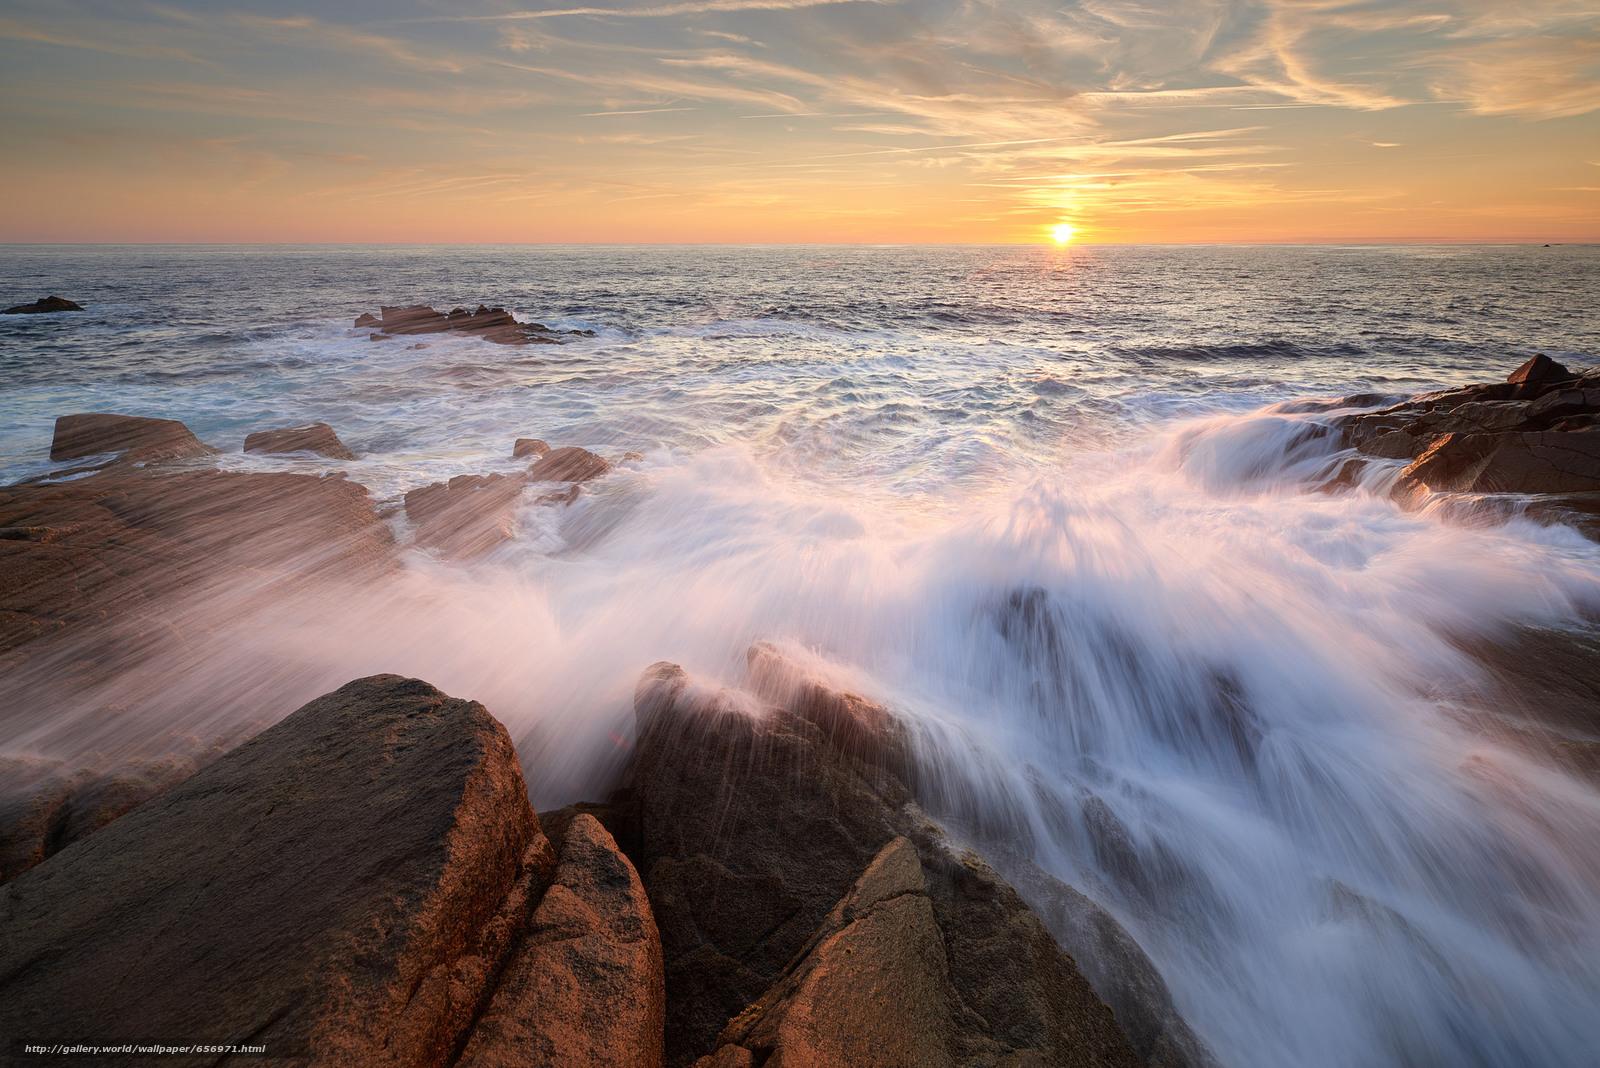 Download Hintergrund Sonnenuntergang,  Meer,  Steine,  Wellen Freie desktop Tapeten in der Auflosung 2048x1367 — bild №656971